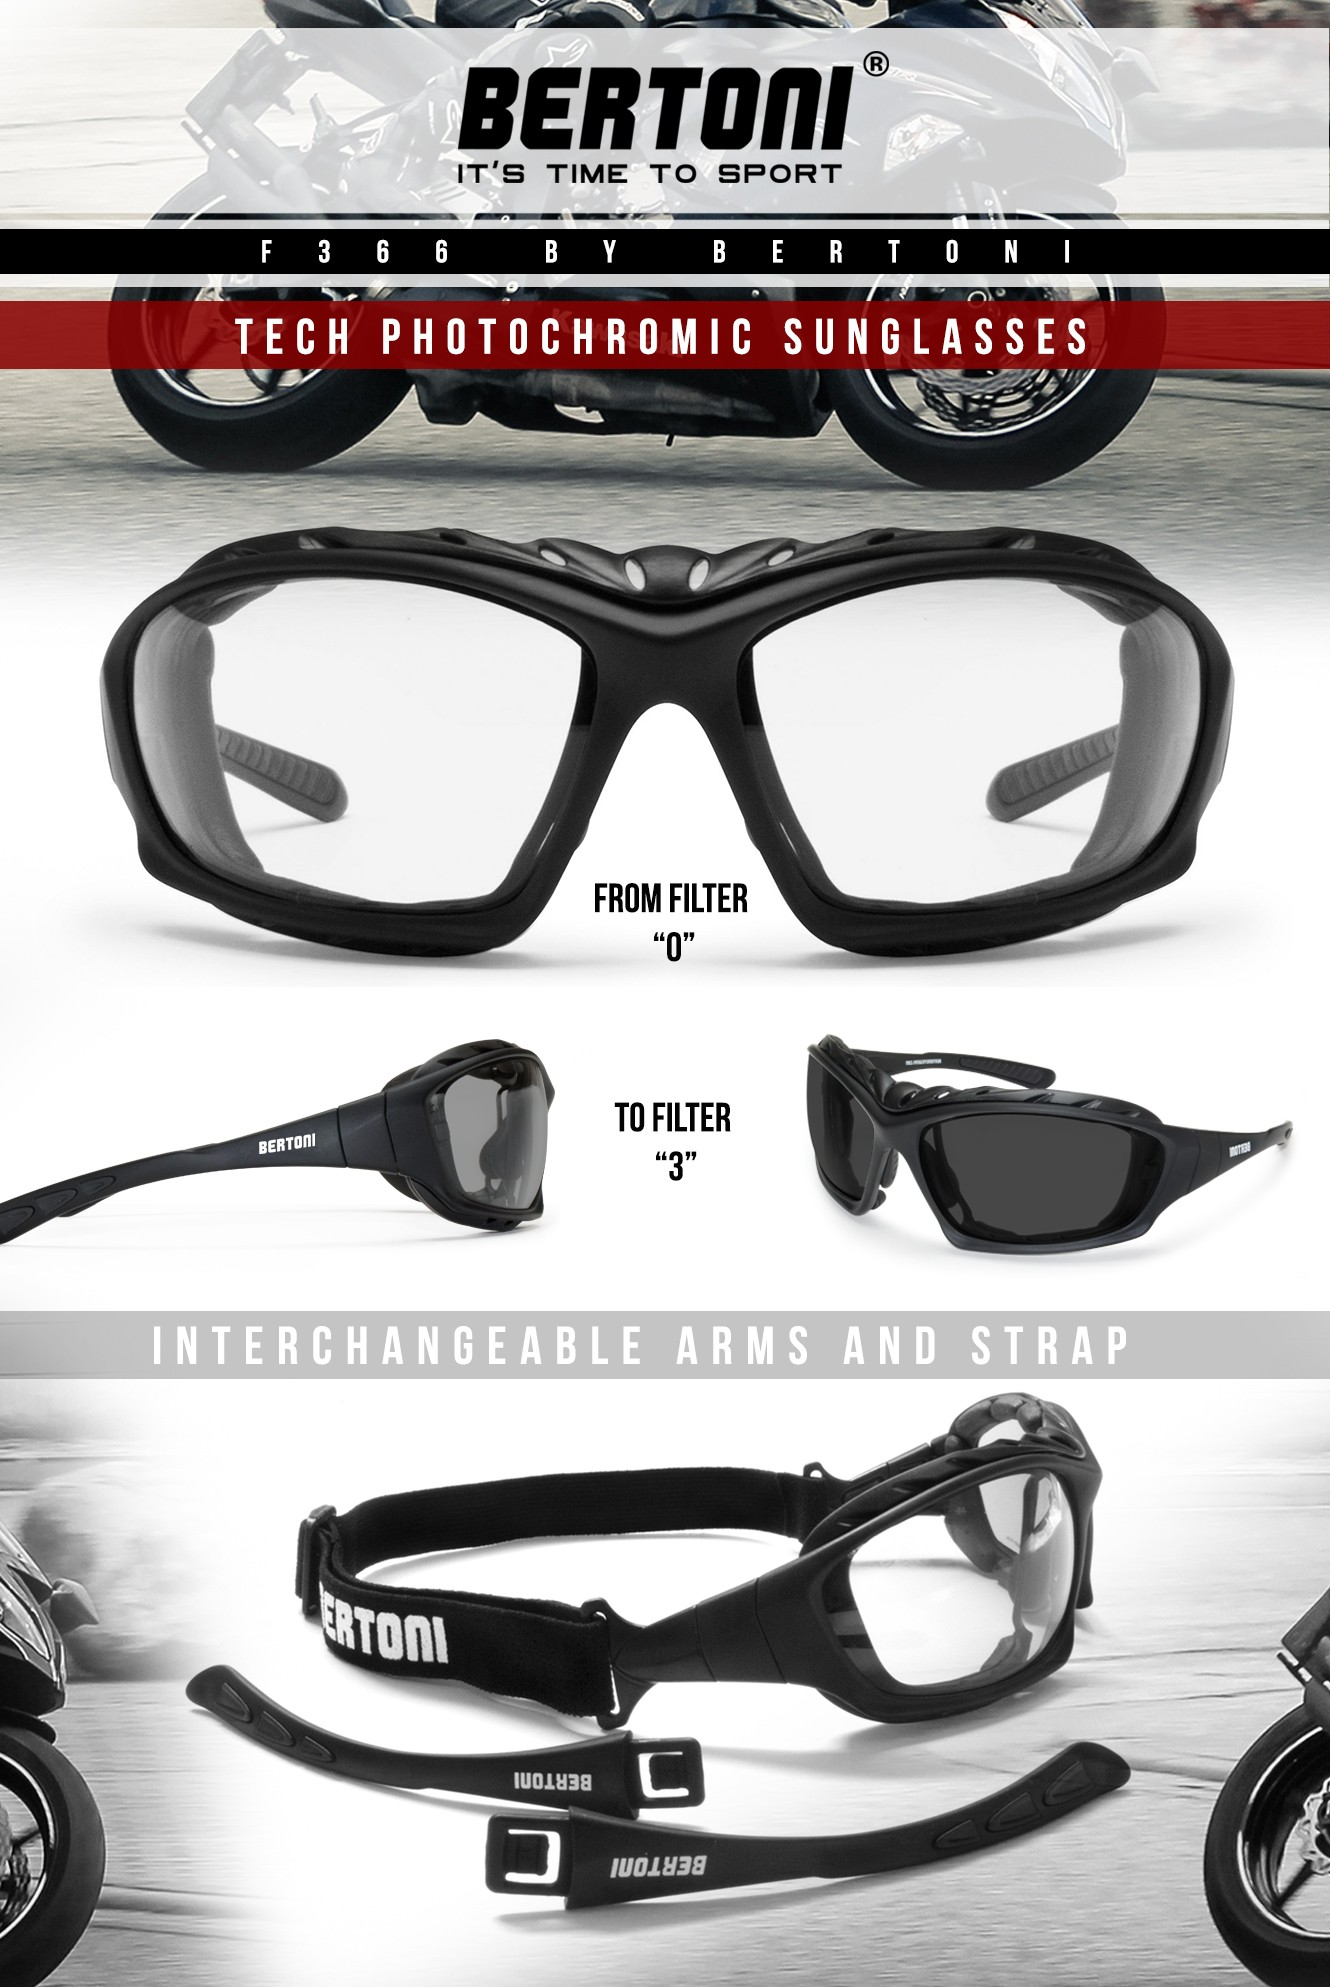 cc17b85ac8 gafas moto fotocromaticas graduadas F366 Bertoni